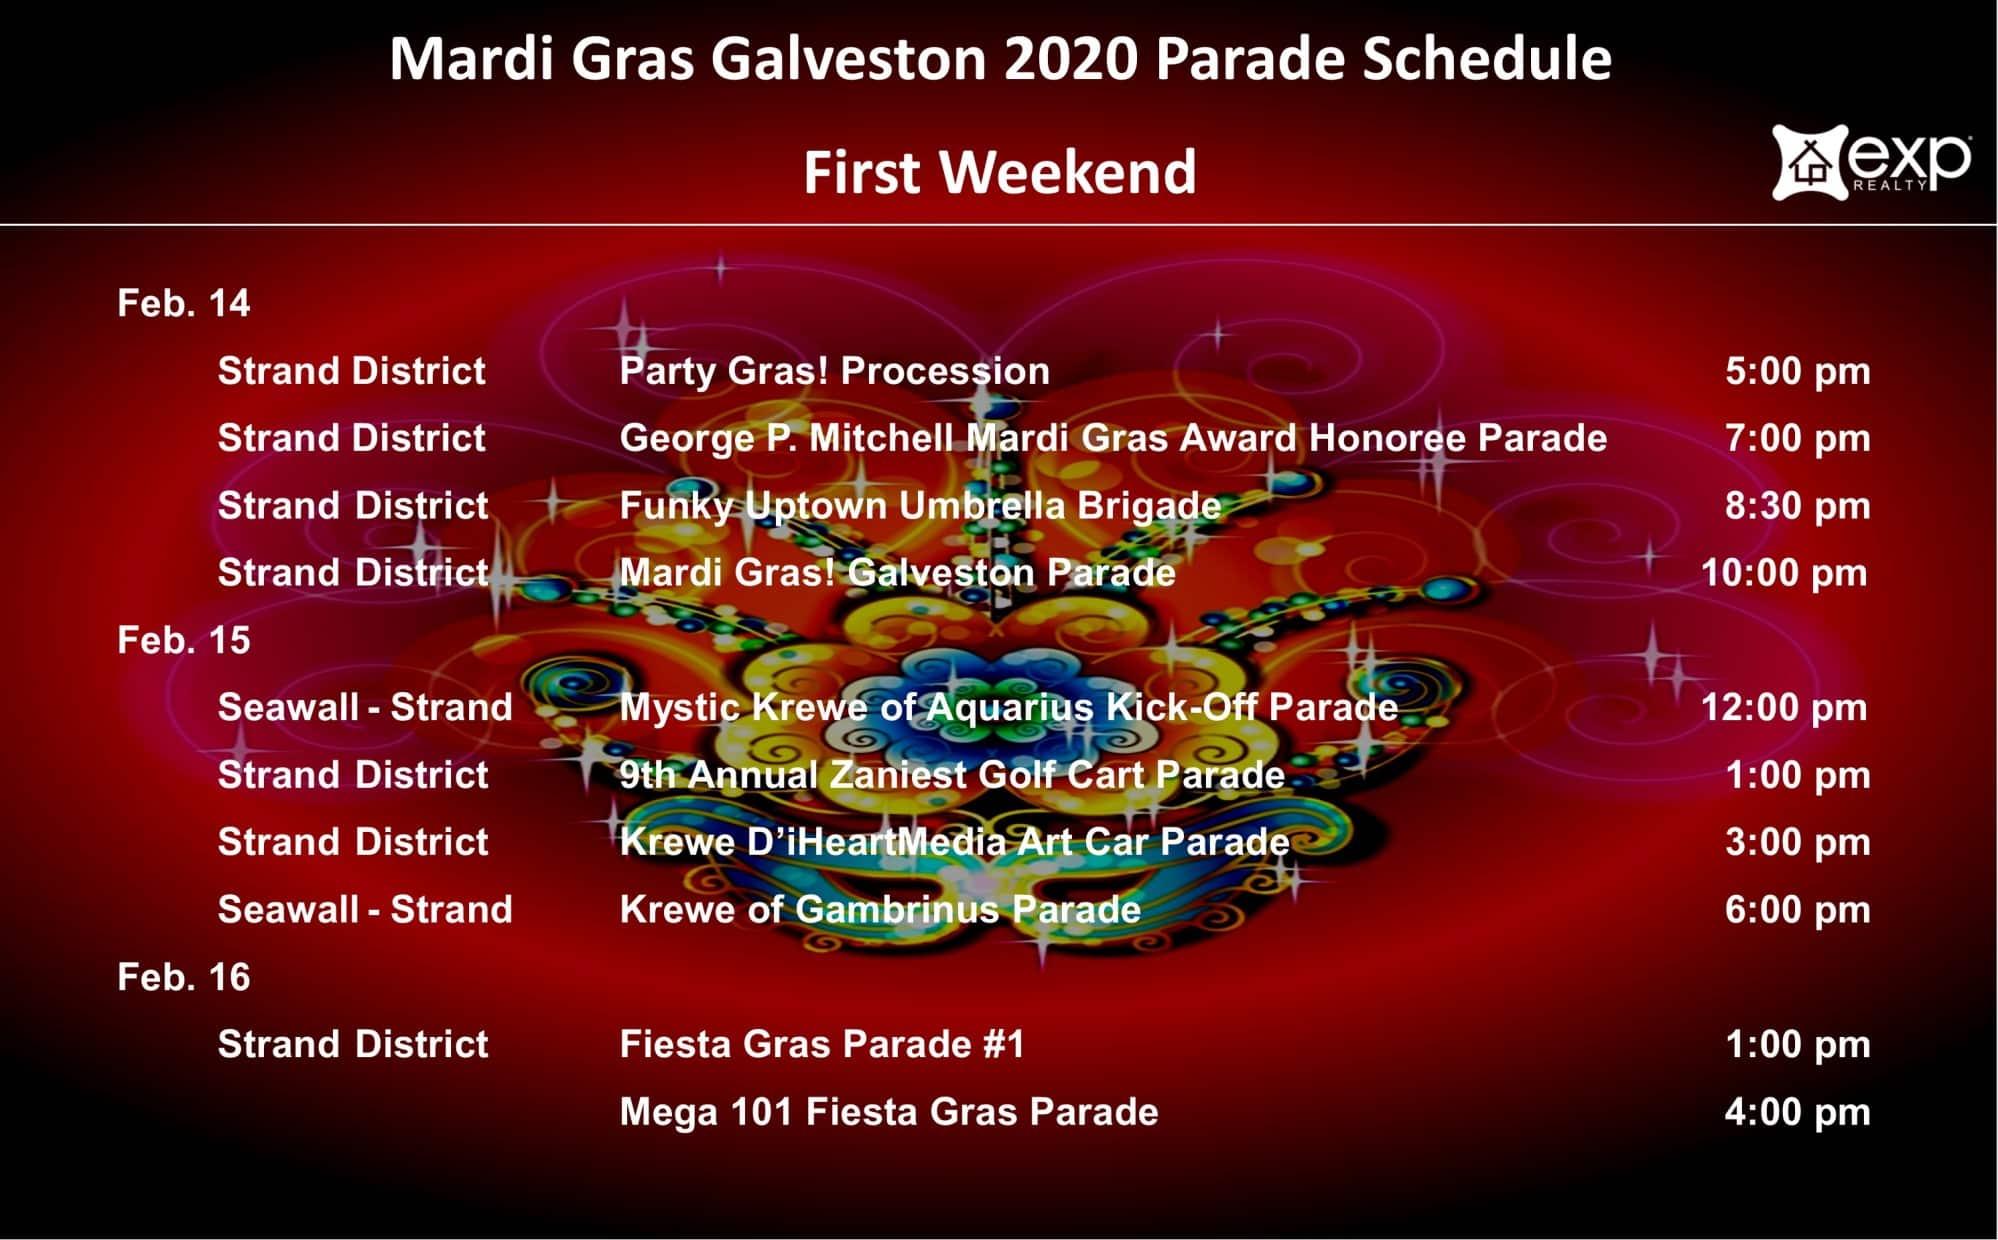 Mardi Gras First Weekend parade schedule